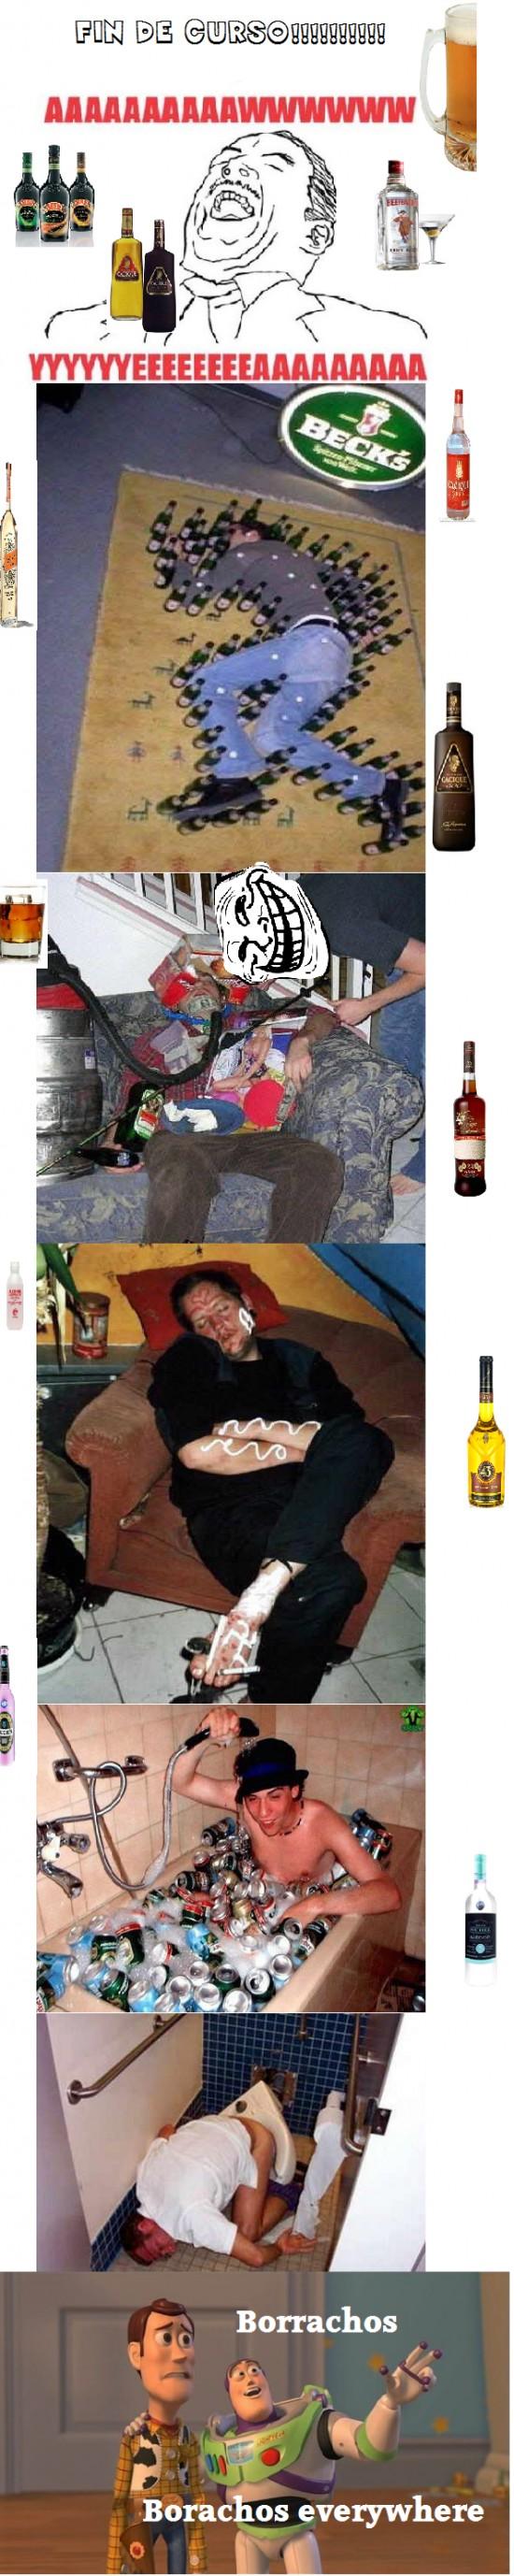 borrachos,everywhere,fin de curso,toy story